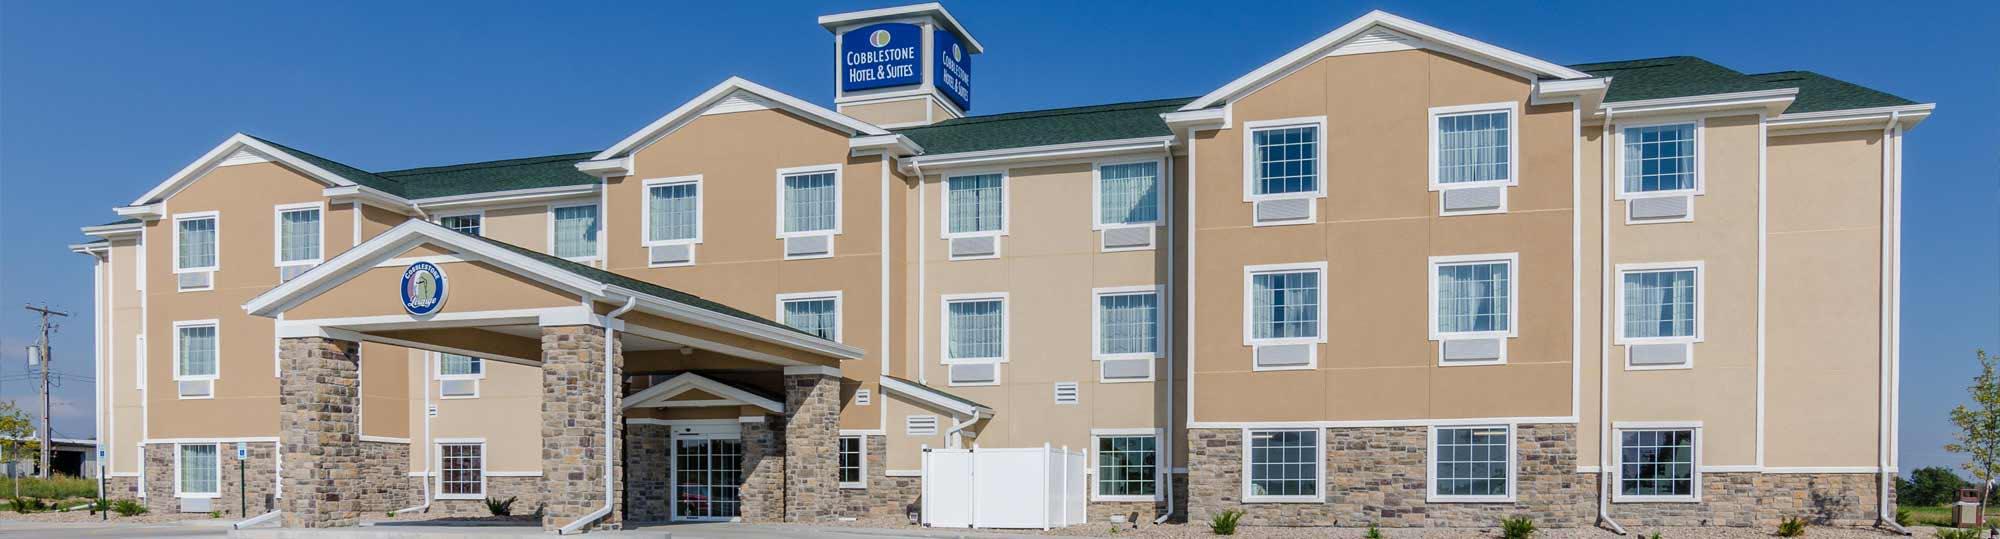 Cobblestone Hotel & Suites McCook